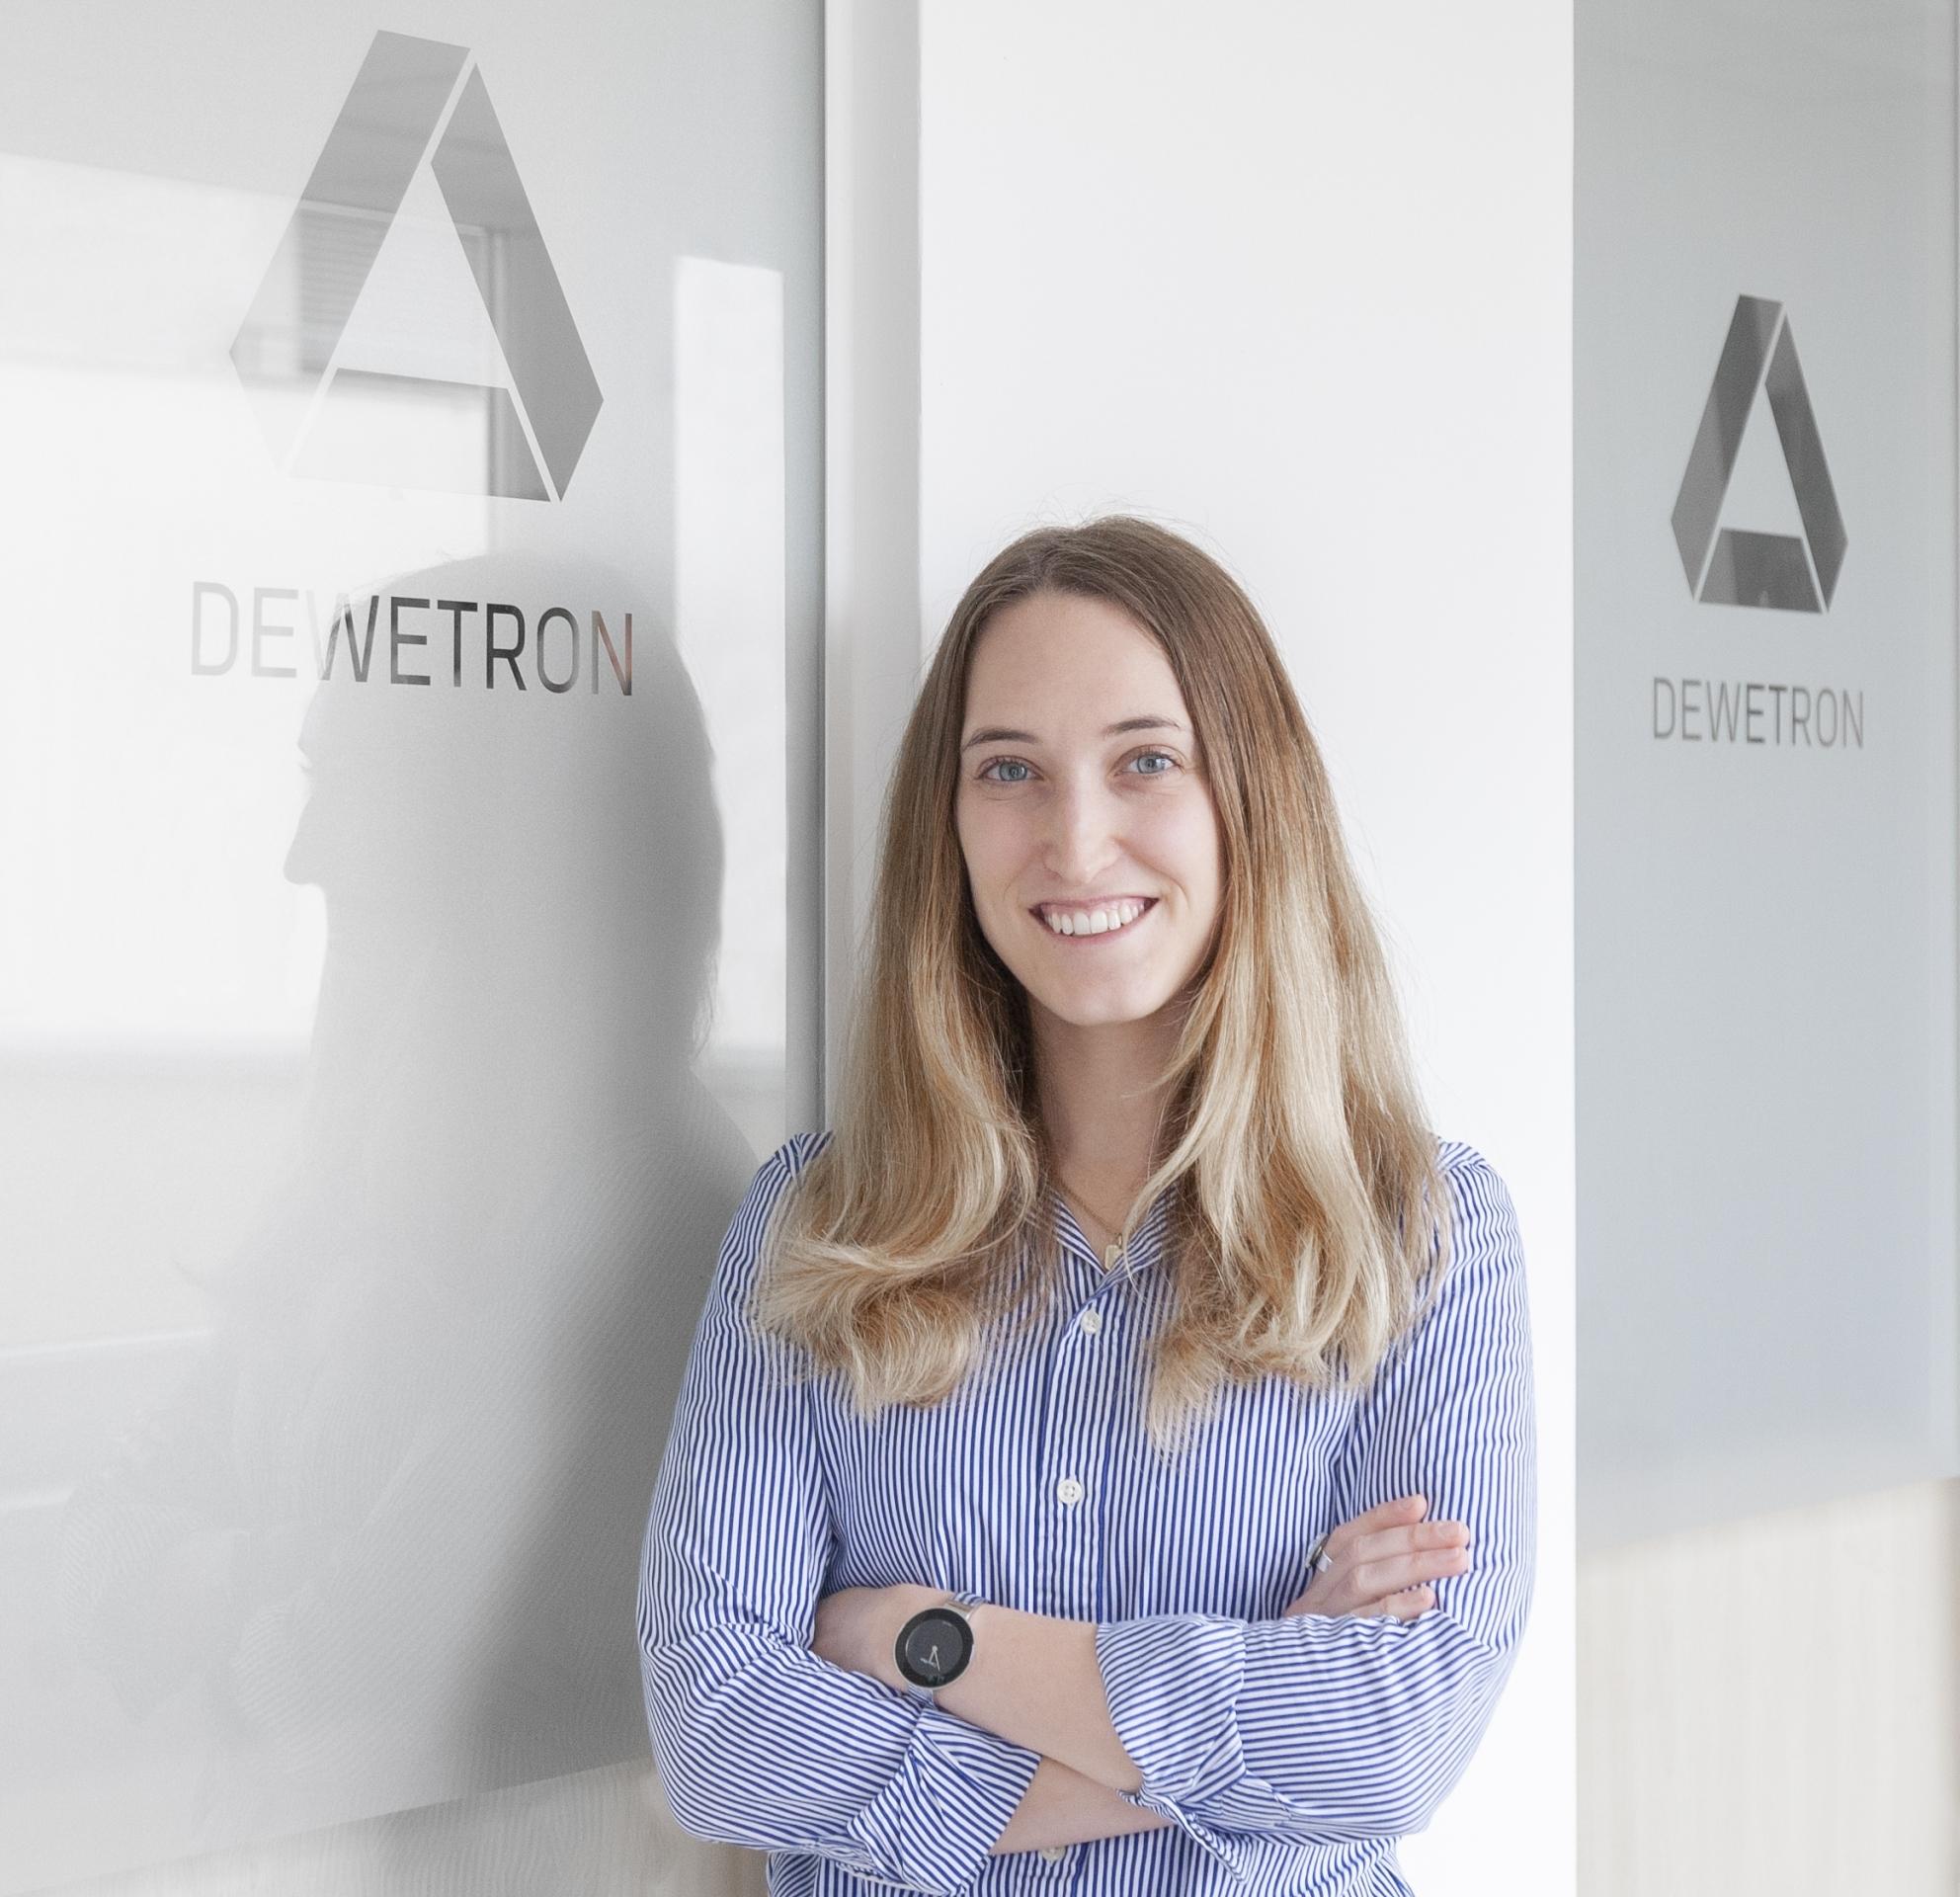 Verena Niederkofler hosts Webinars